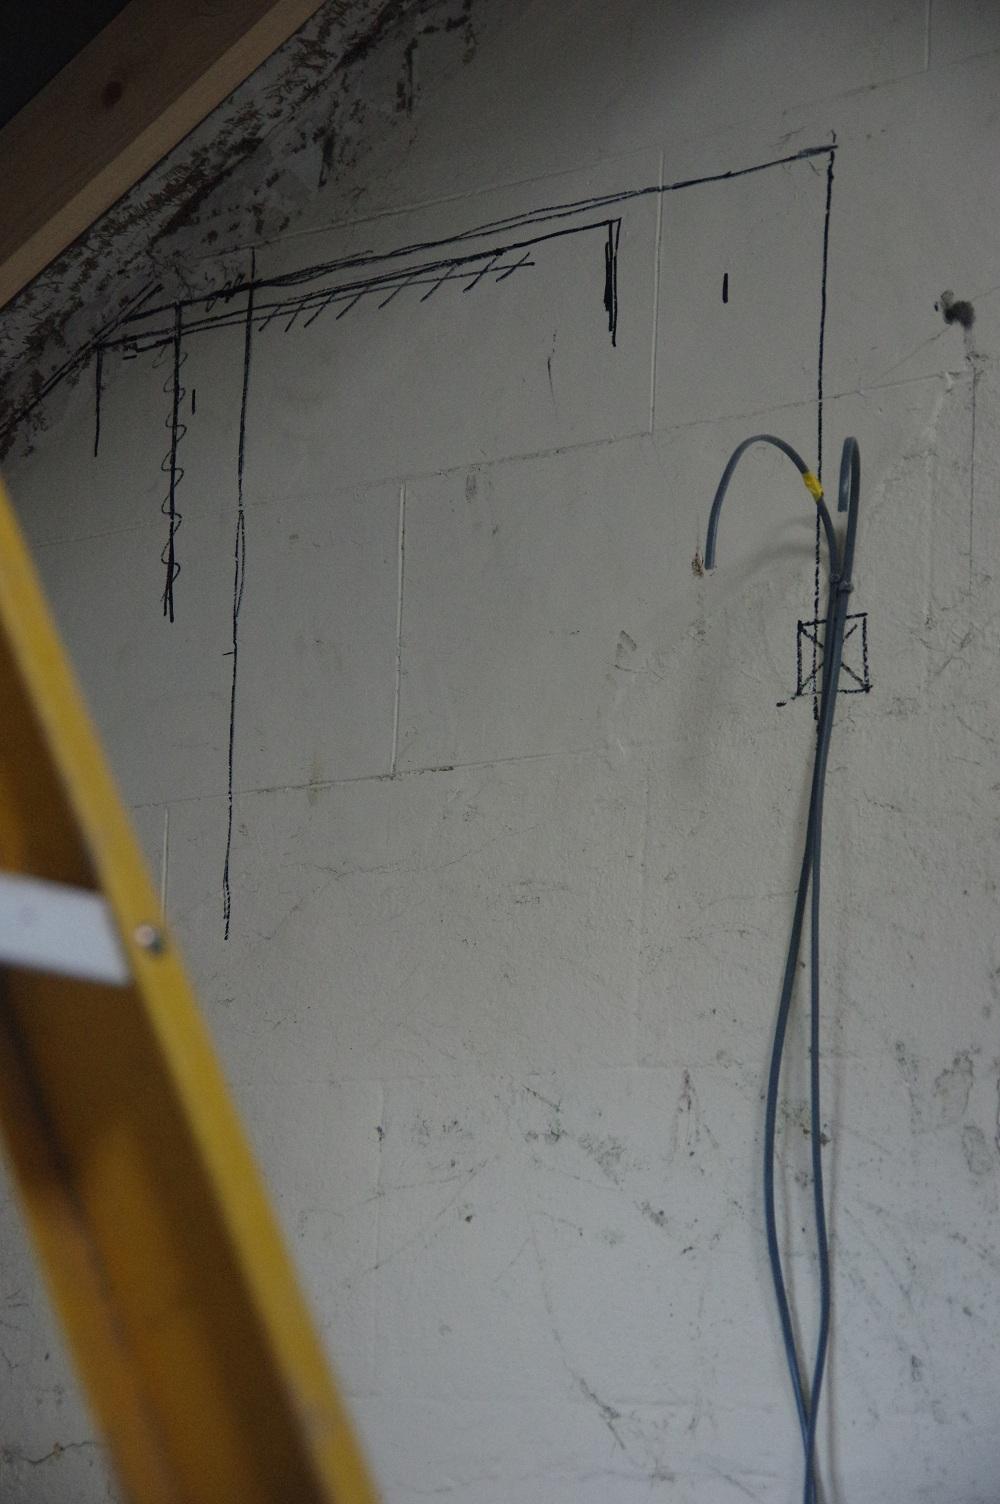 wiring-6